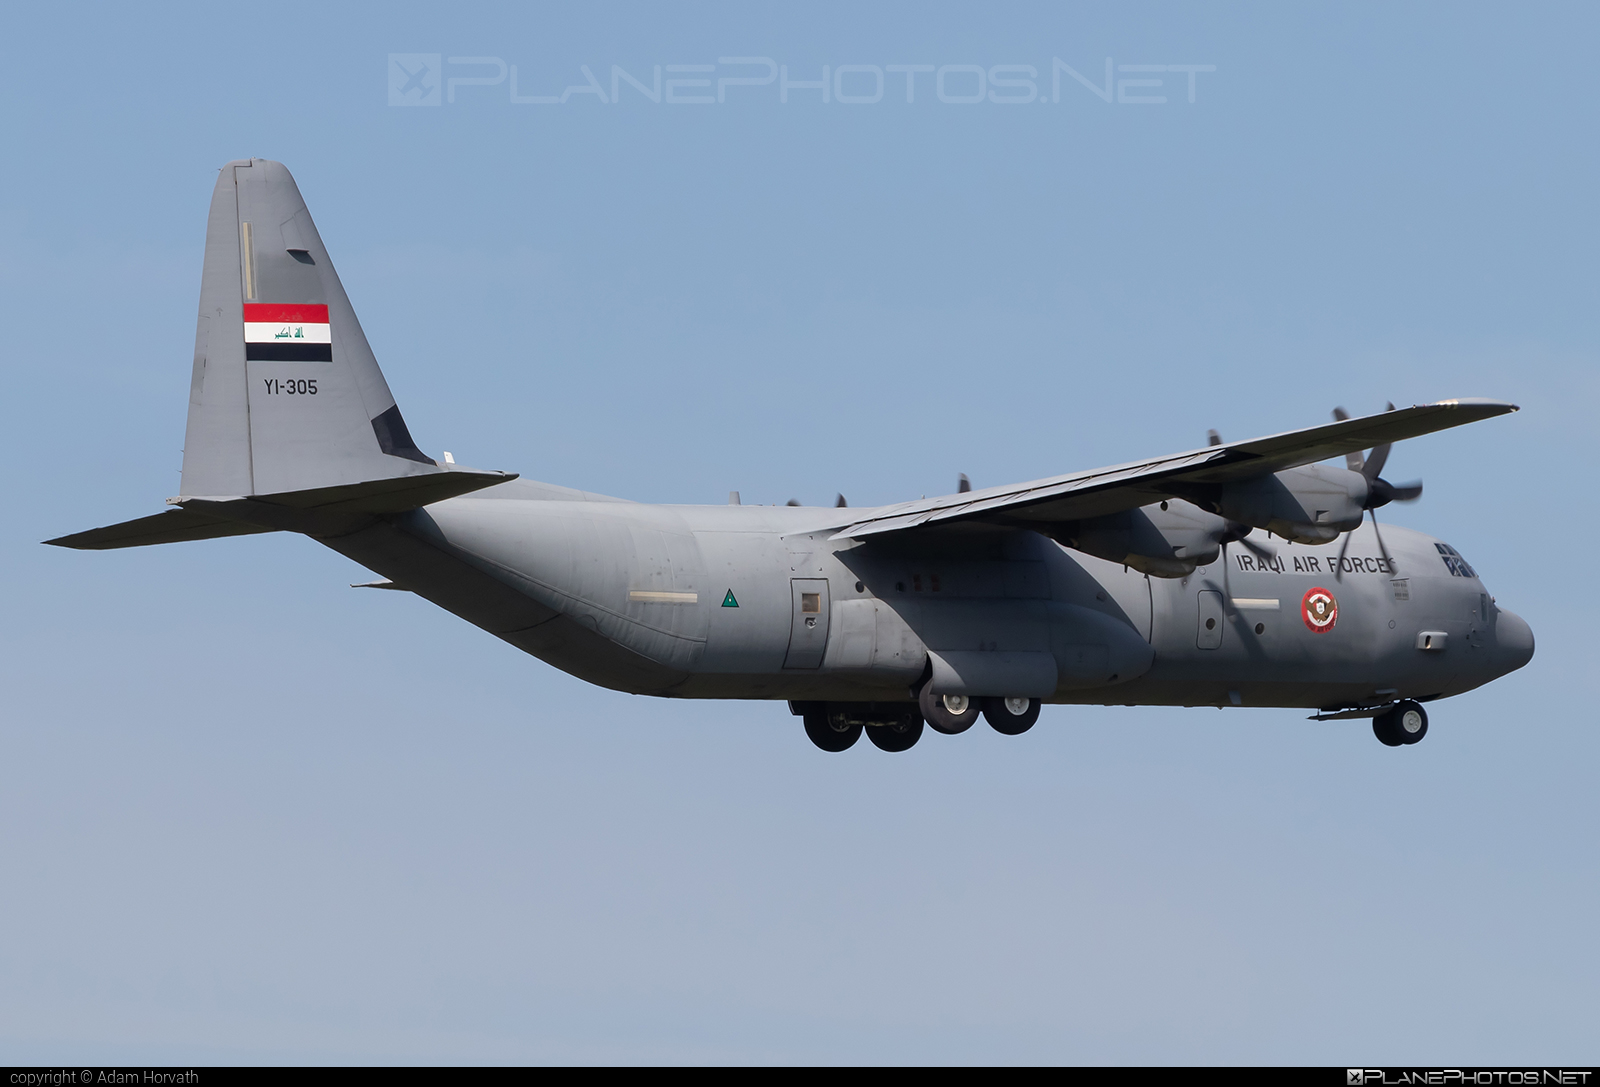 Lockheed Martin C-130J-30 Super Hercules - YI-305 operated by Al Quwwat al Jawwiya al Iraqiya (Iraqi Air Force) #LockheedMartin #alquwwataljawwiyaaliraqiya #c130 #c130j #c130j30 #iraqiairforce #superhercules